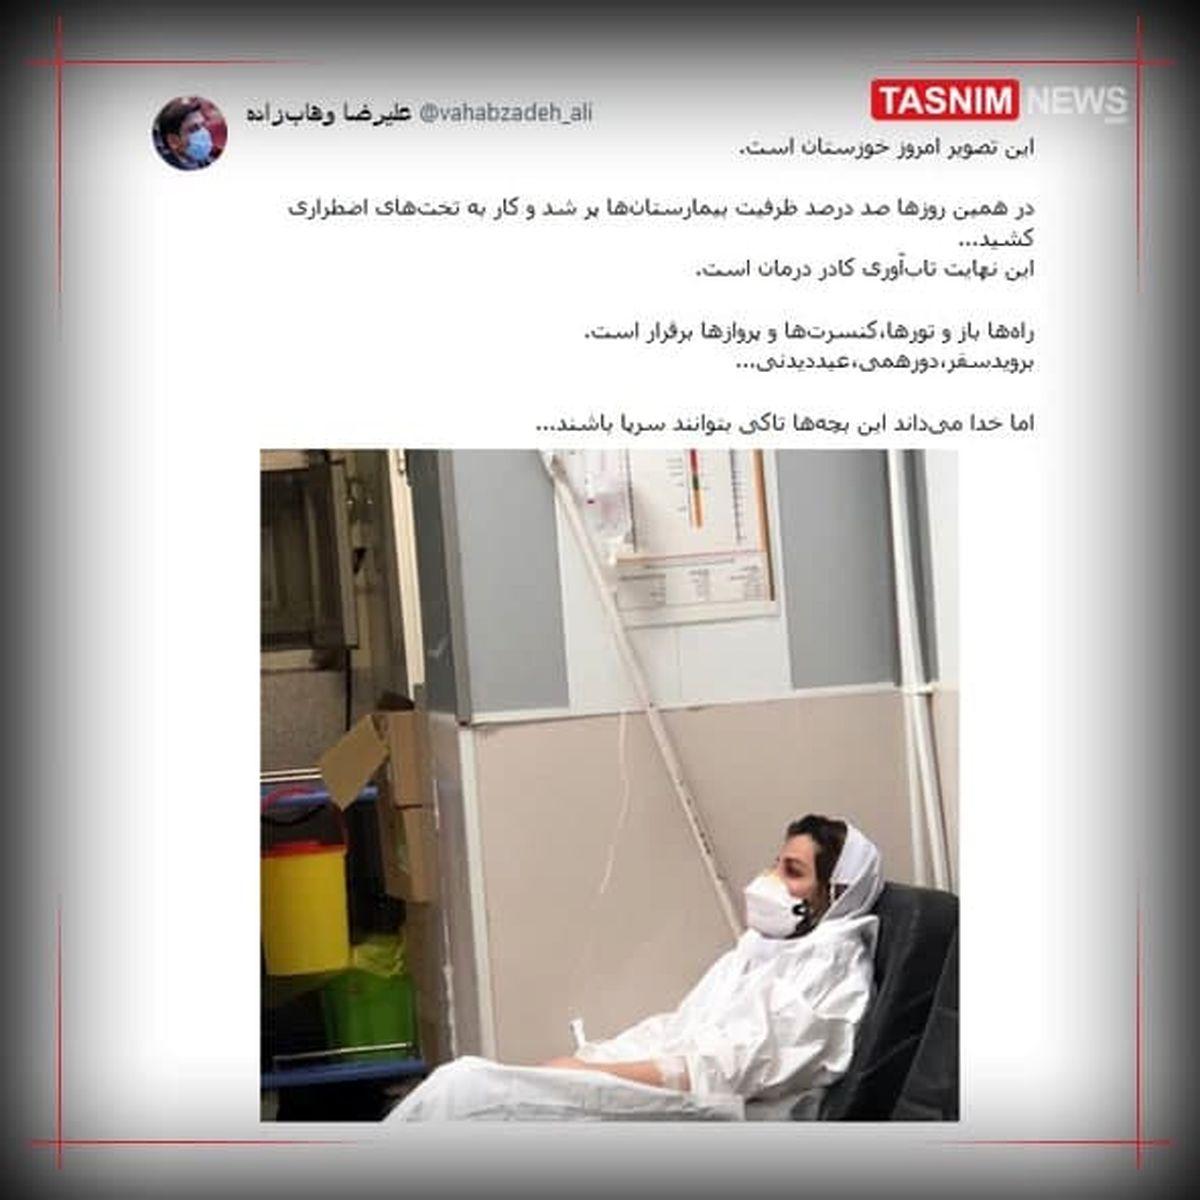 تختهای پُر از بیمار و پرستاران بیرمق در خوزستان +عکس